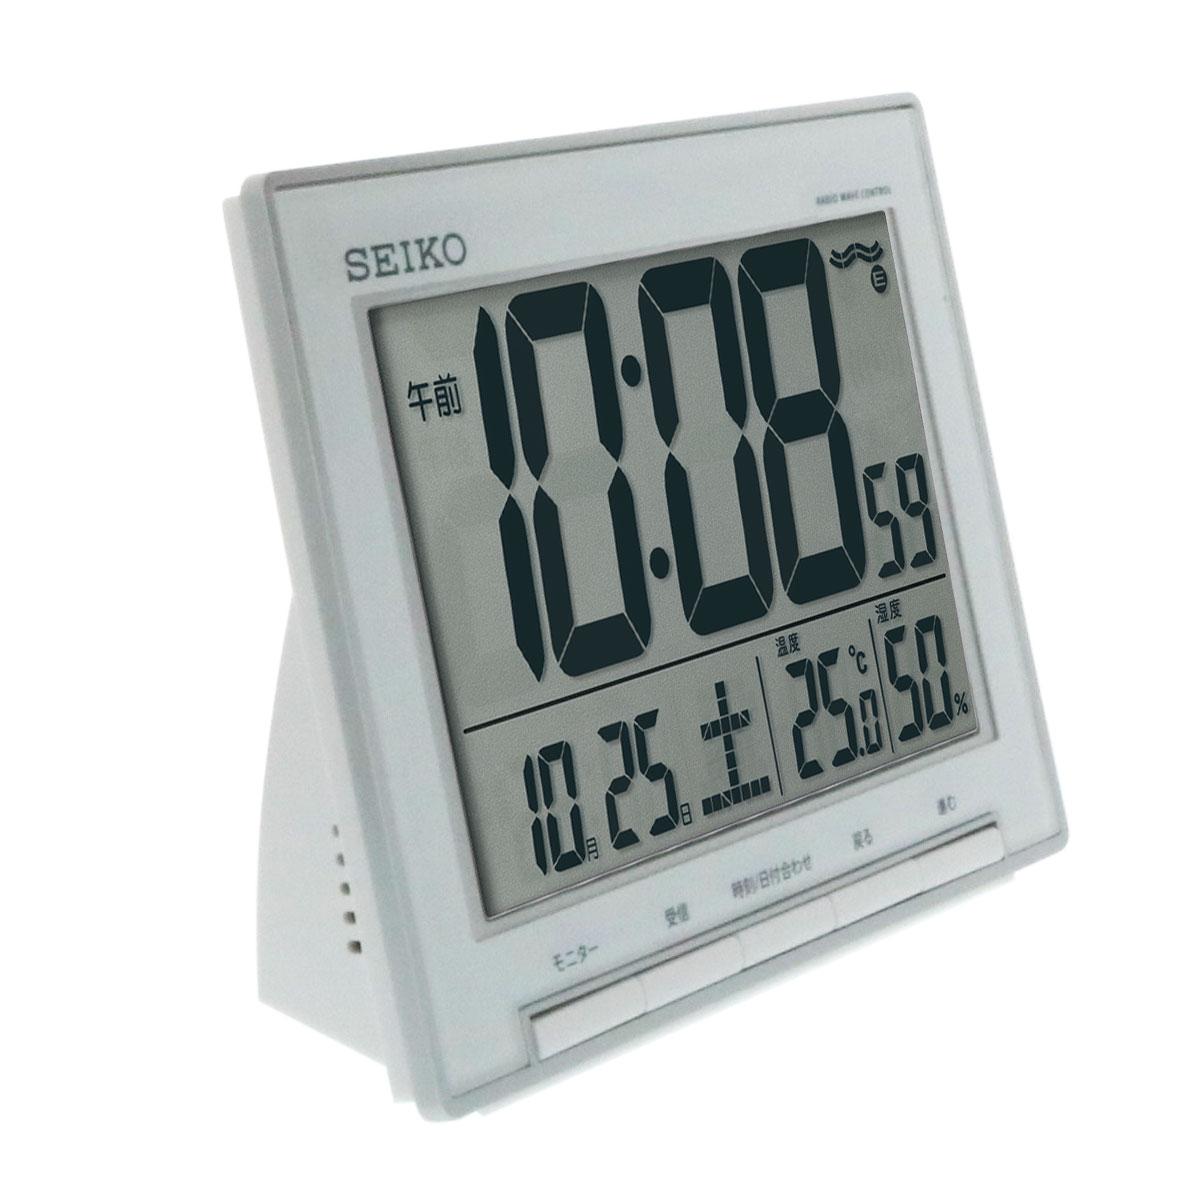 セイコークロック 温湿度表示付き電波目覚まし時計 SQ786S